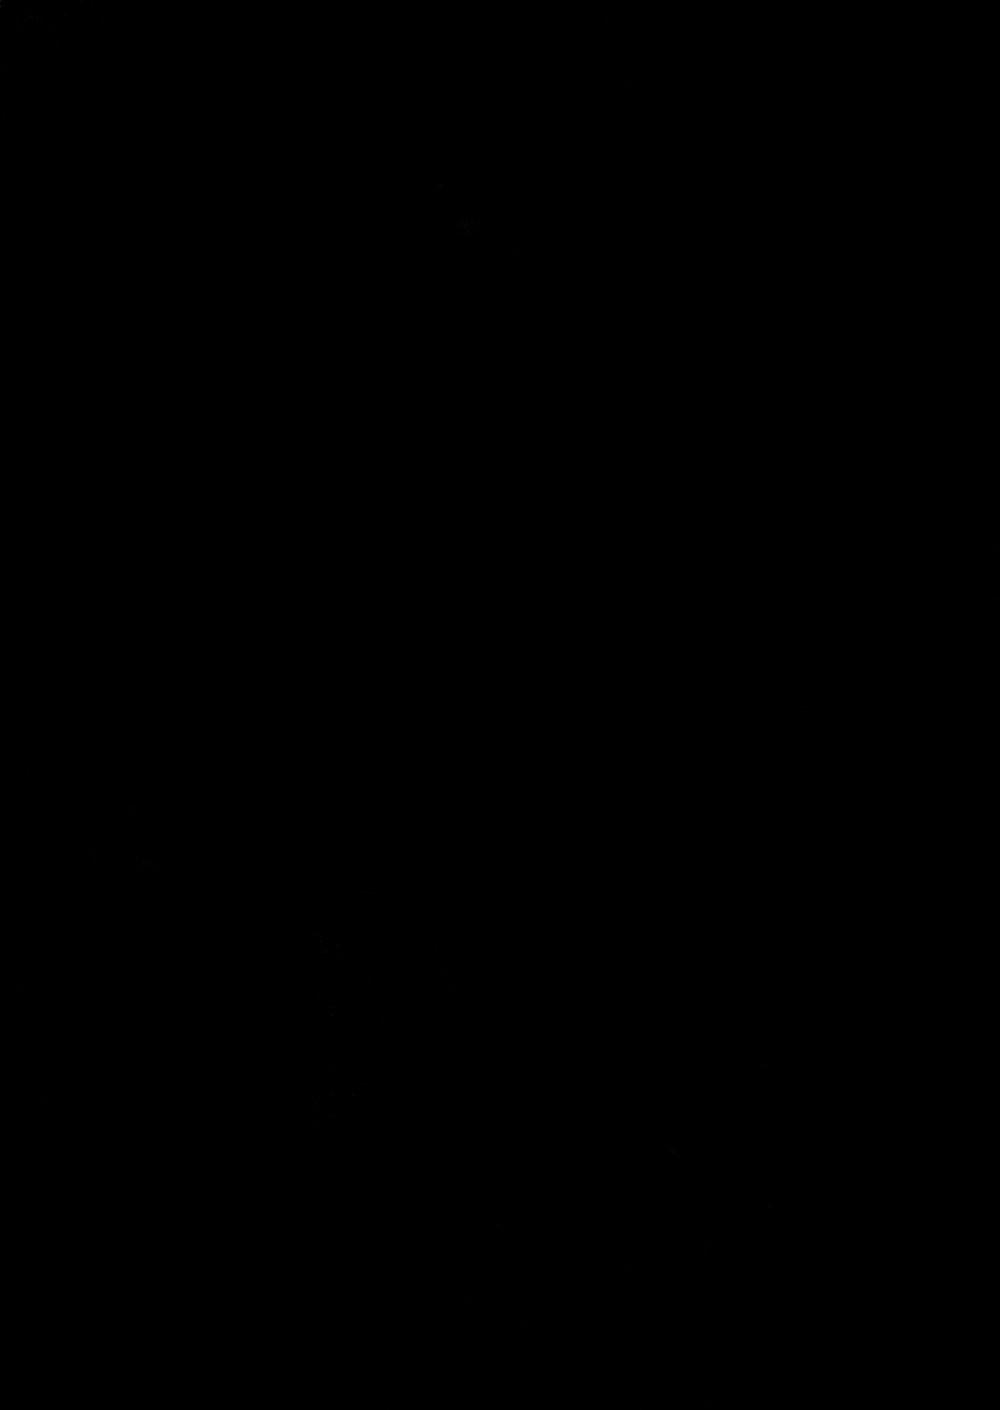 S/2004 S 17